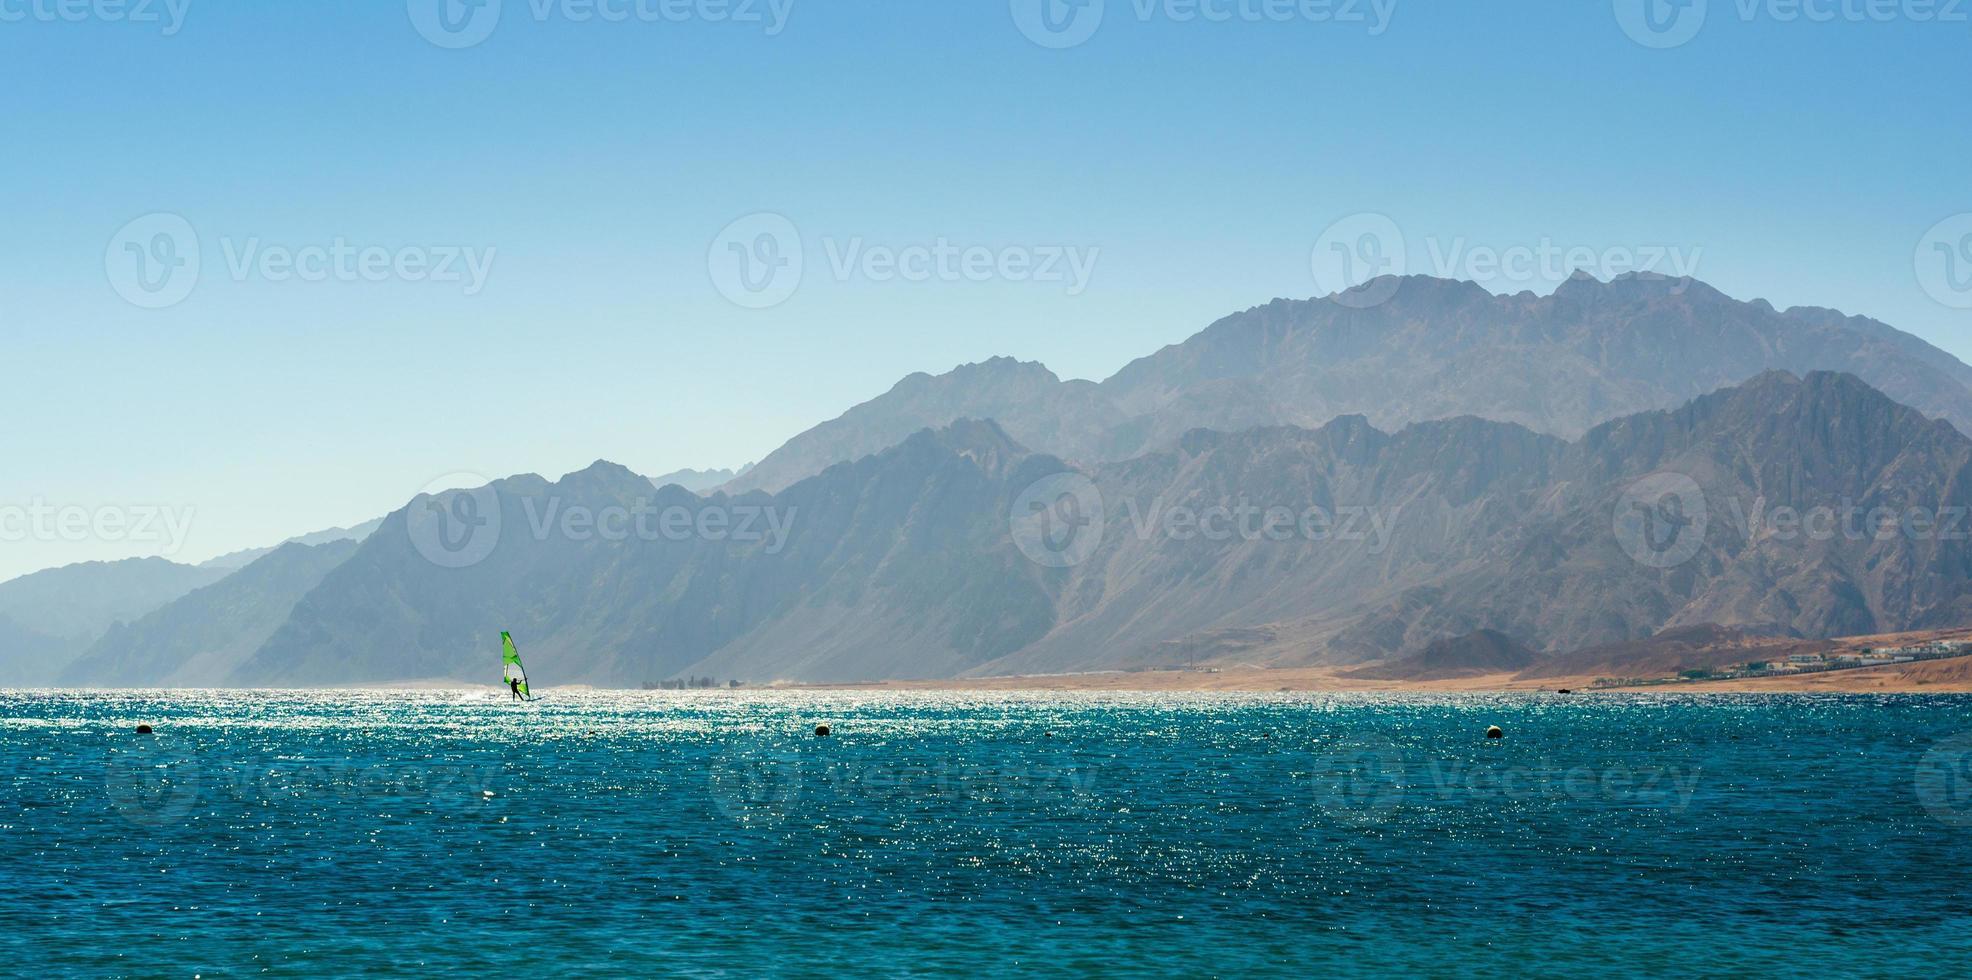 montañas rocosas cerca del mar foto